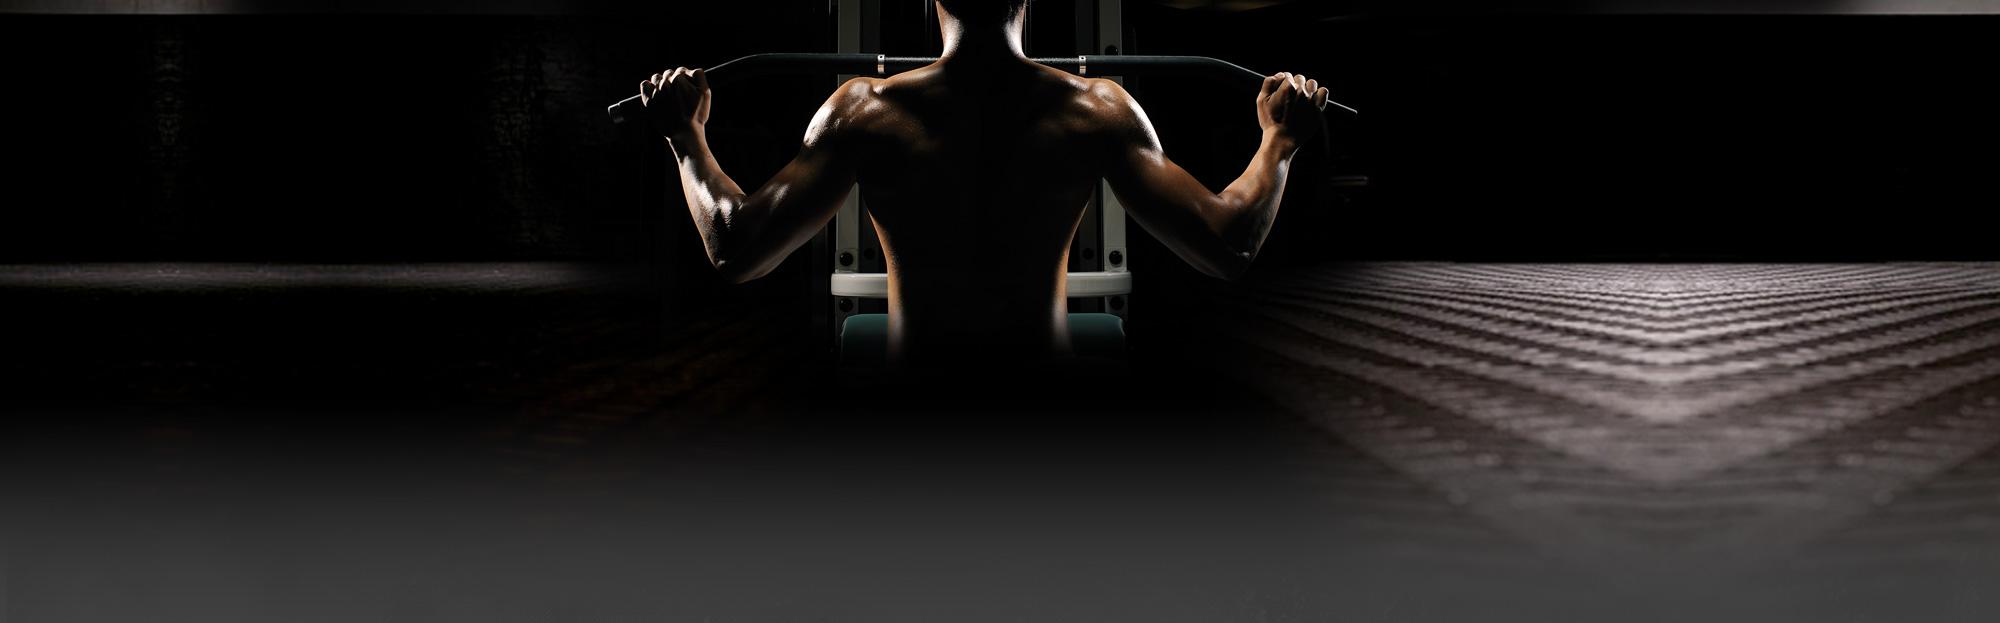 Bütçeye Uygun Fitnes ve Spor Aletleri